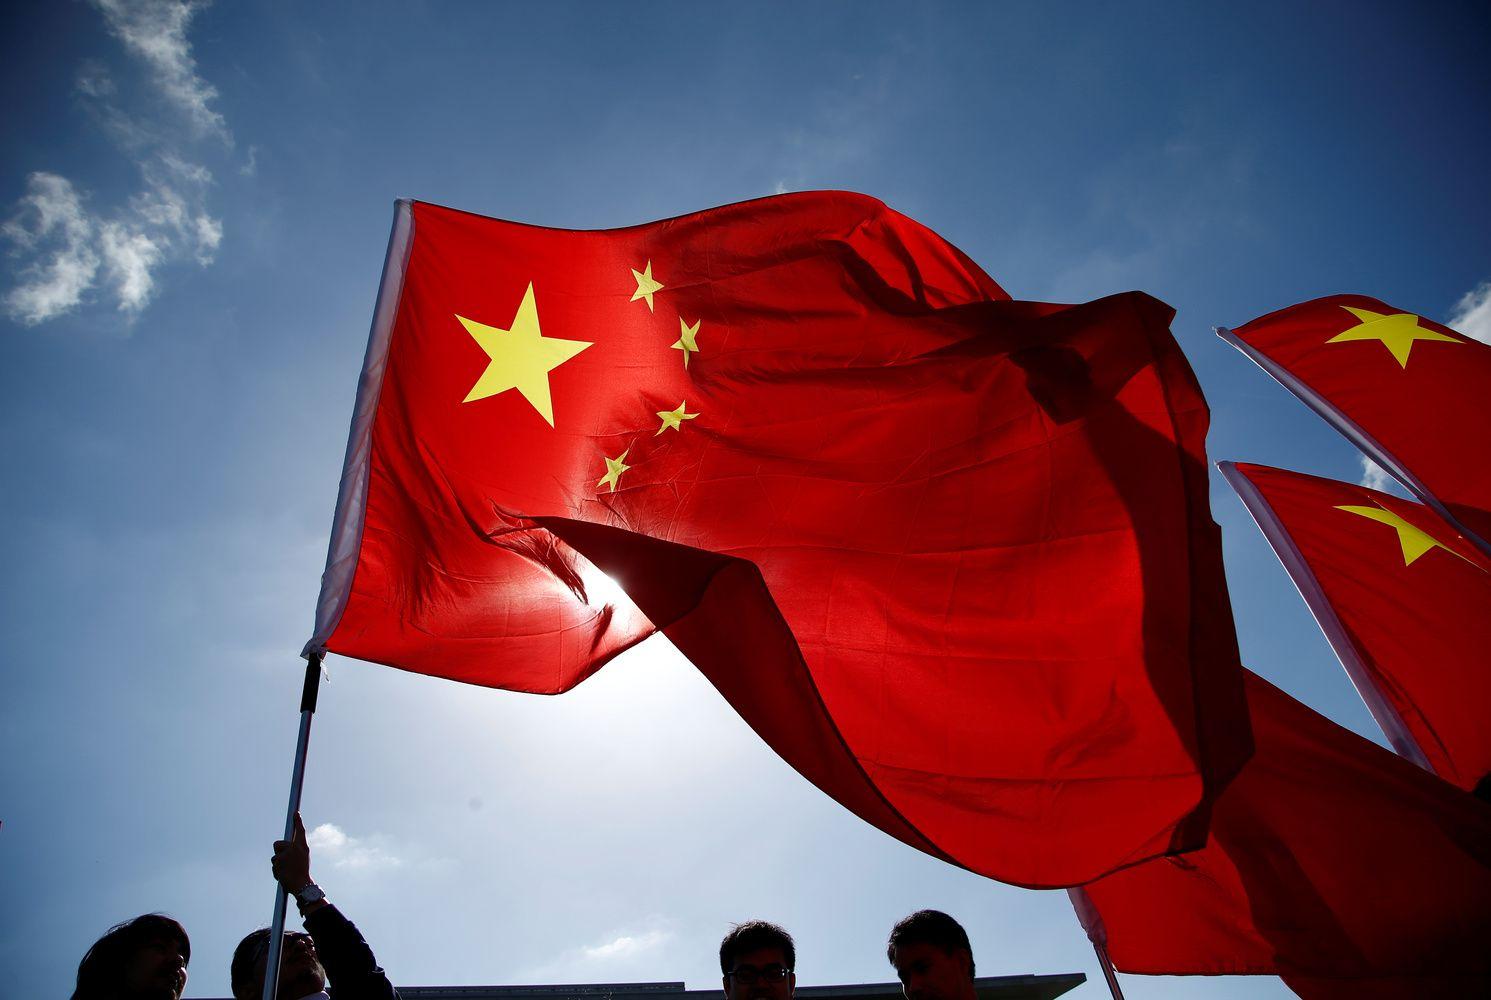 Pekinas sunerimo dėl ES planų riboti Kinijos įsigijimus